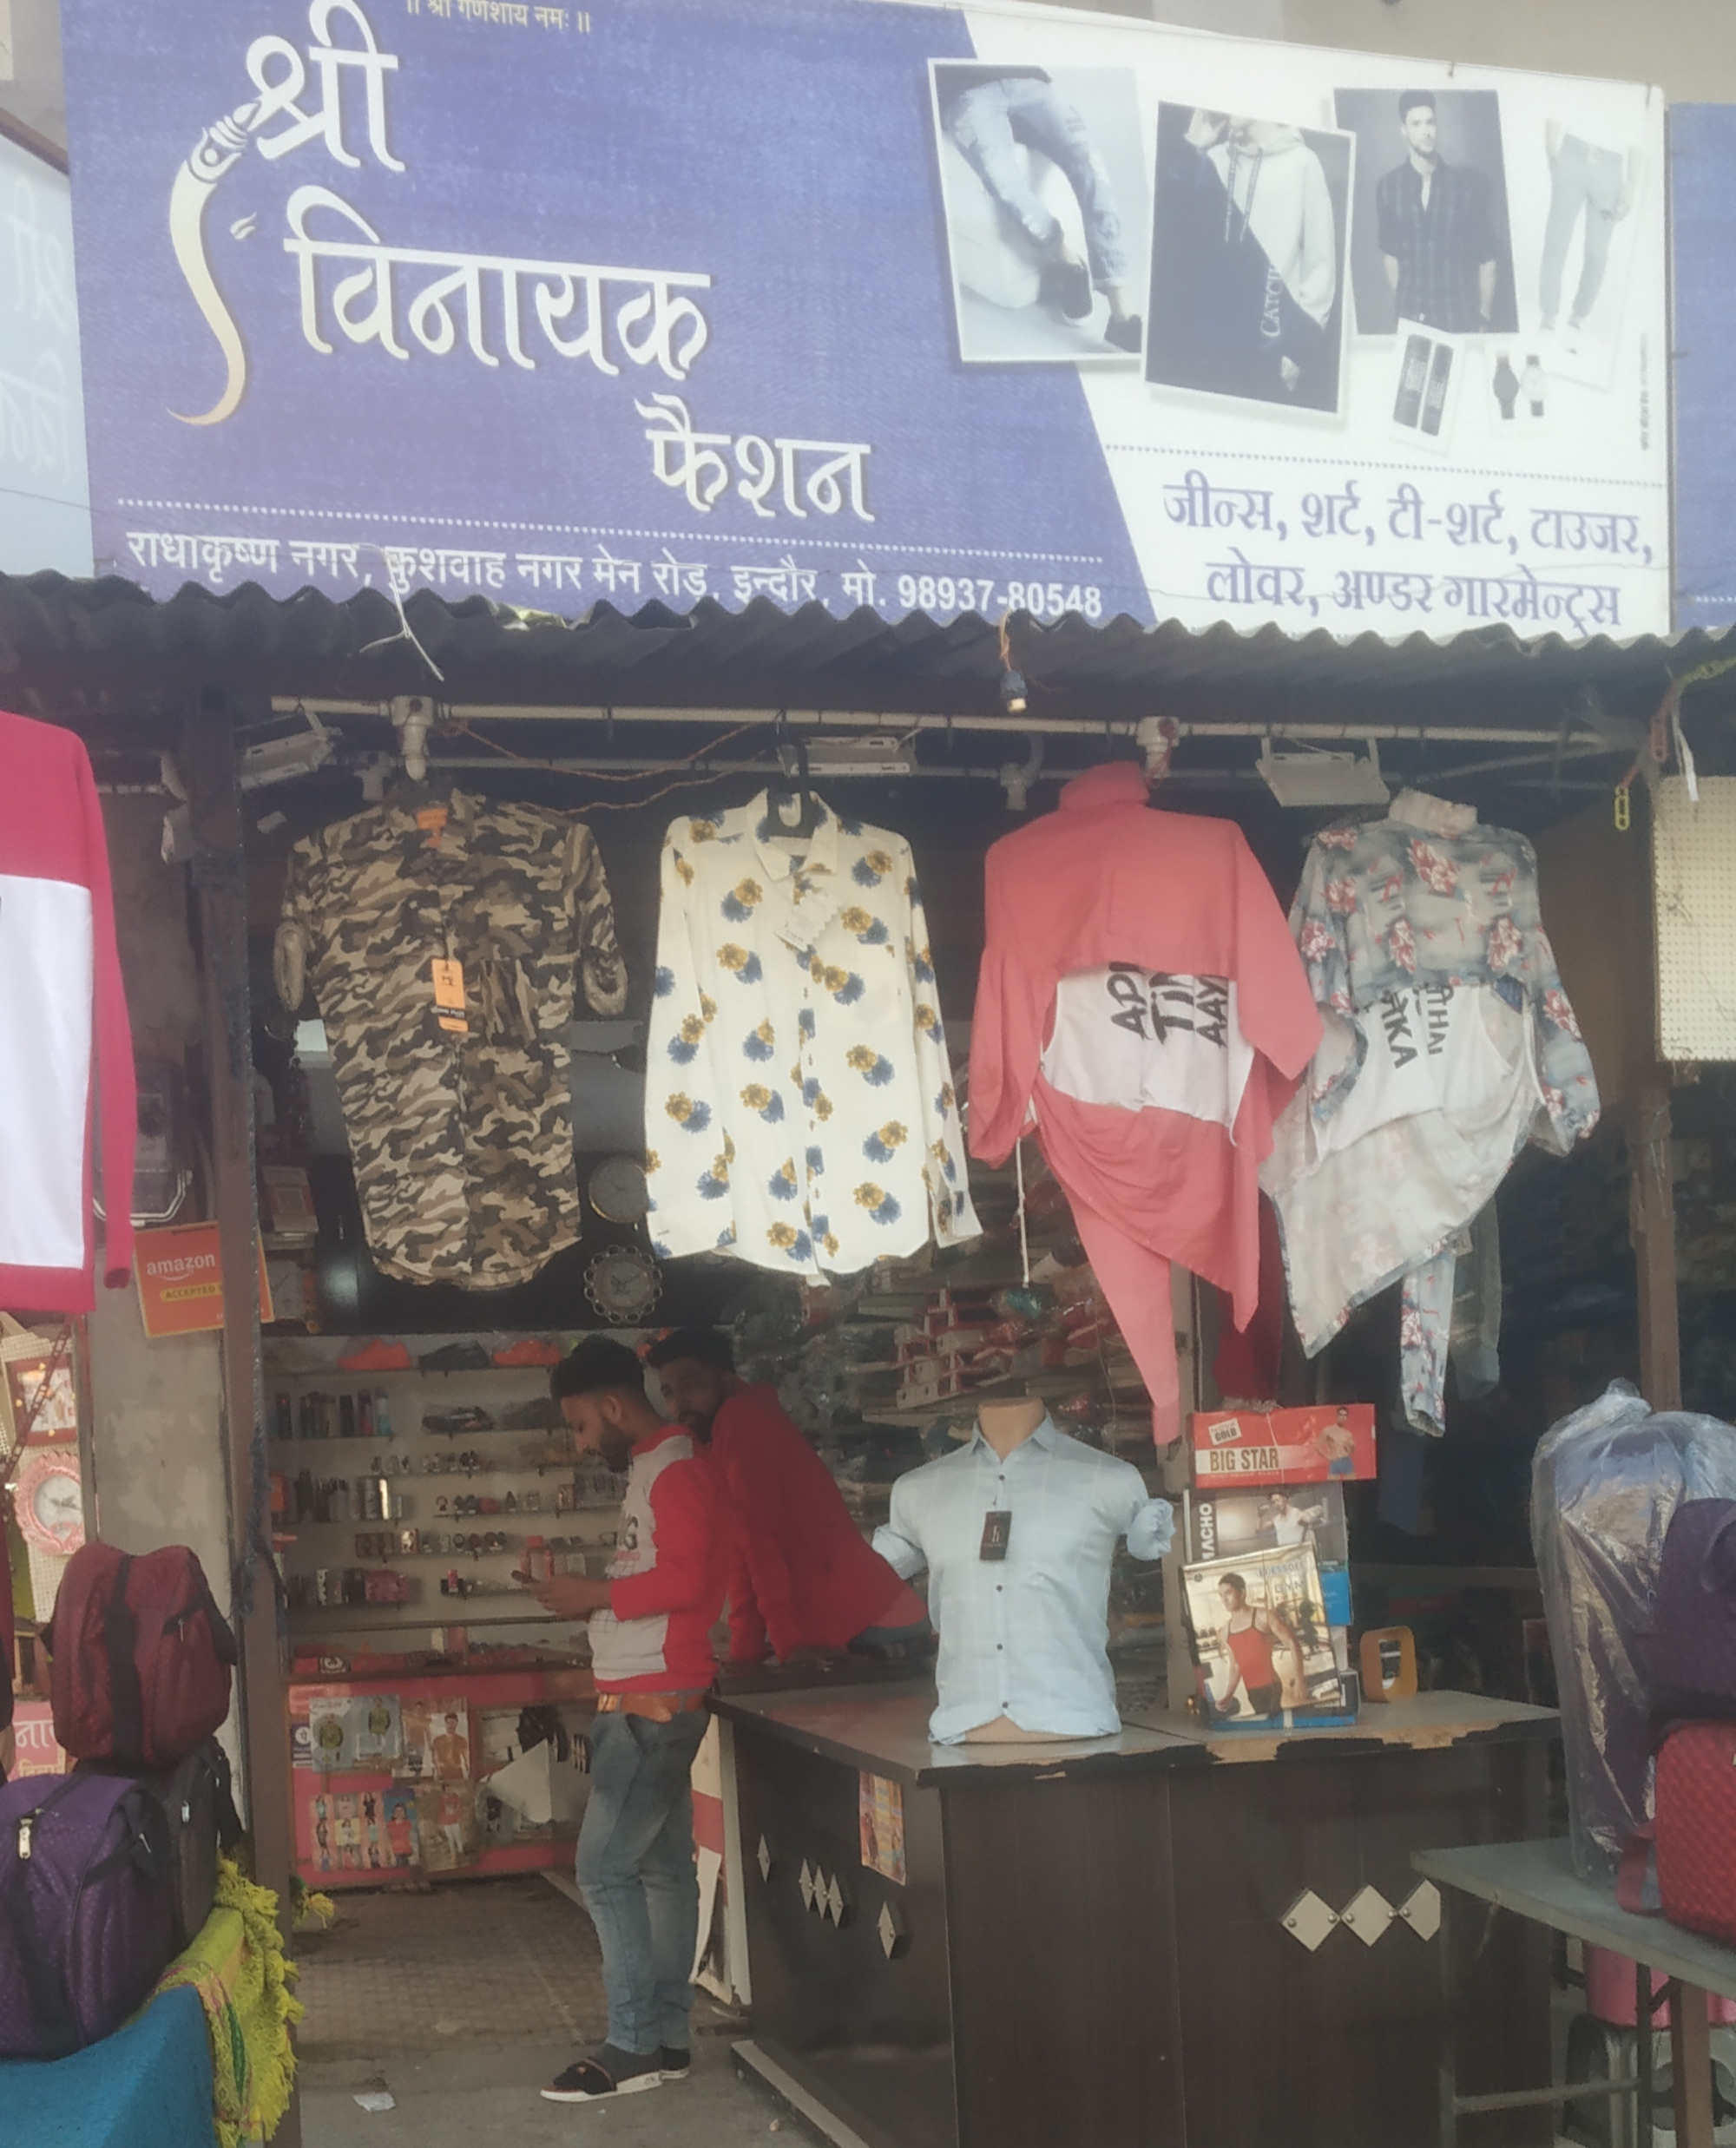 Shree Vinayak all in one